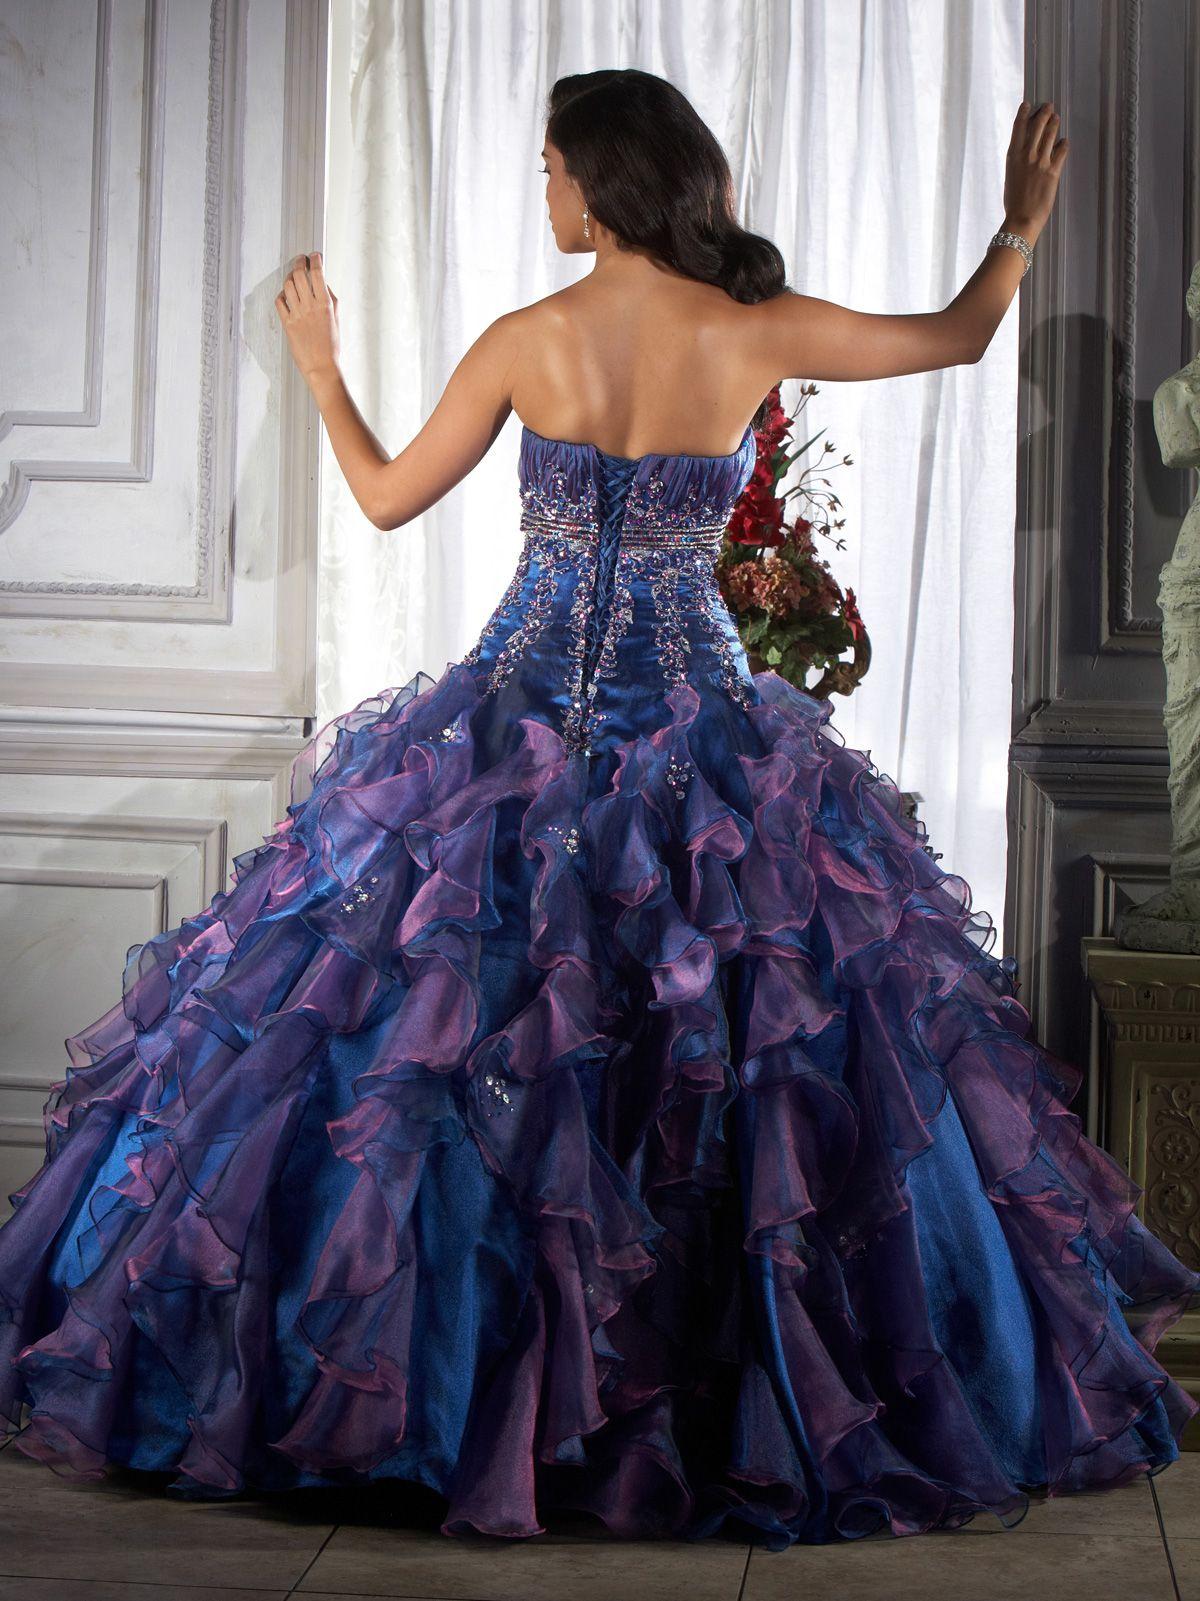 Blackandpurpleweddingdresses plus size wedding dresses